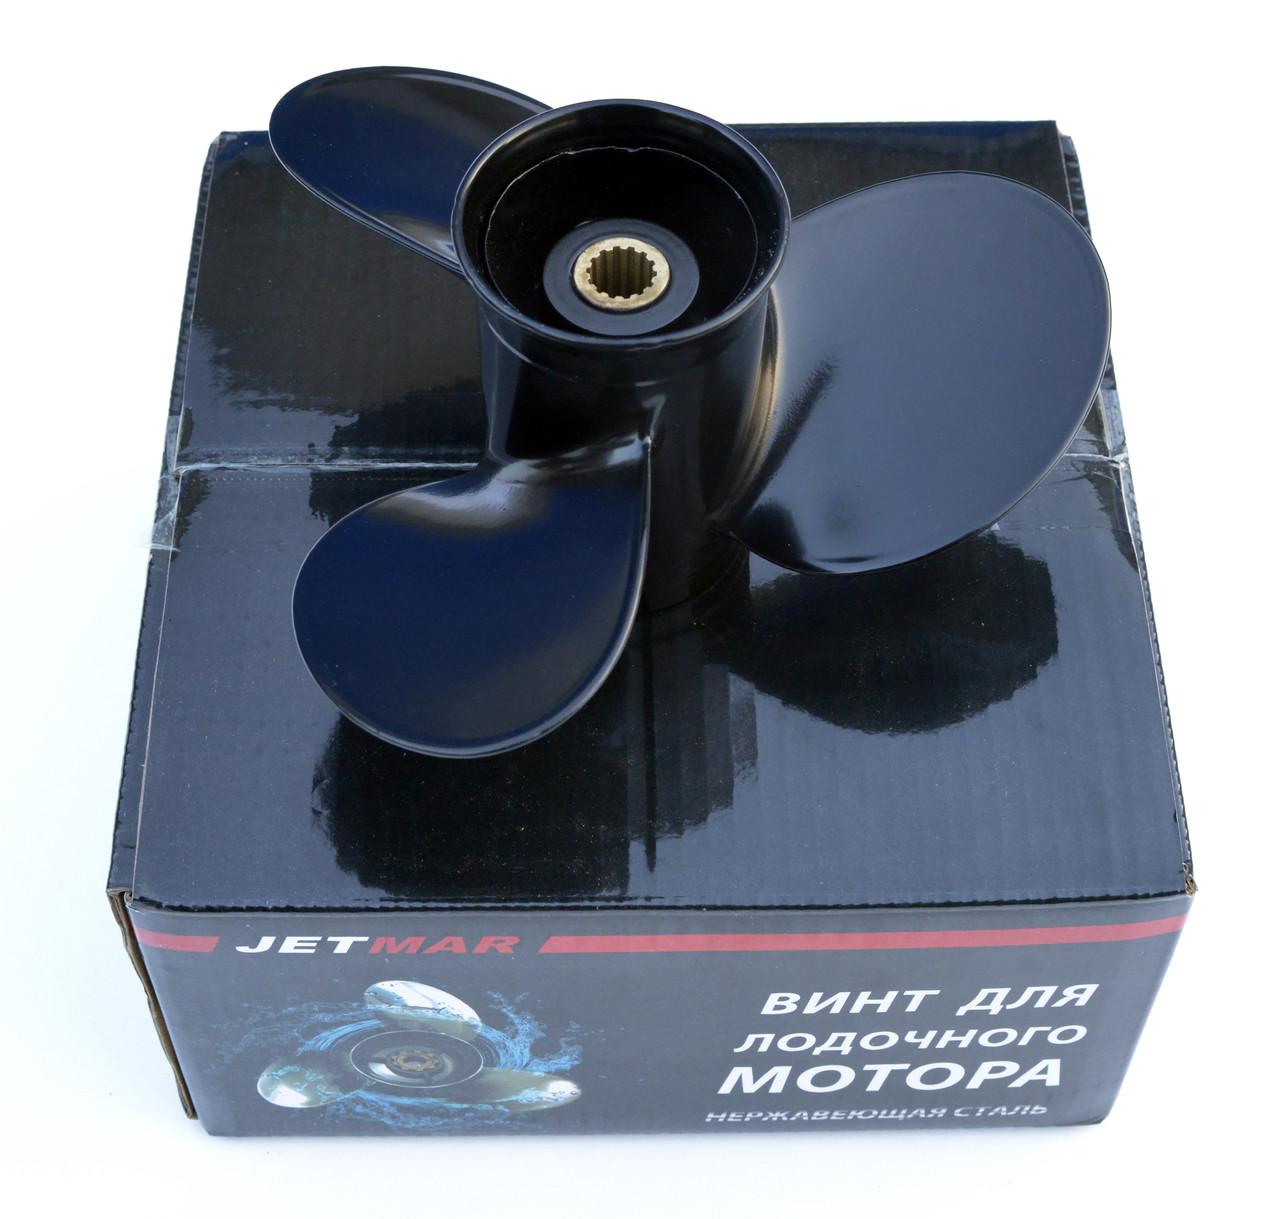 Гребний гвинт двигун Suzuki 30 л. с. JETMAR 10 1/4X13 алюміній